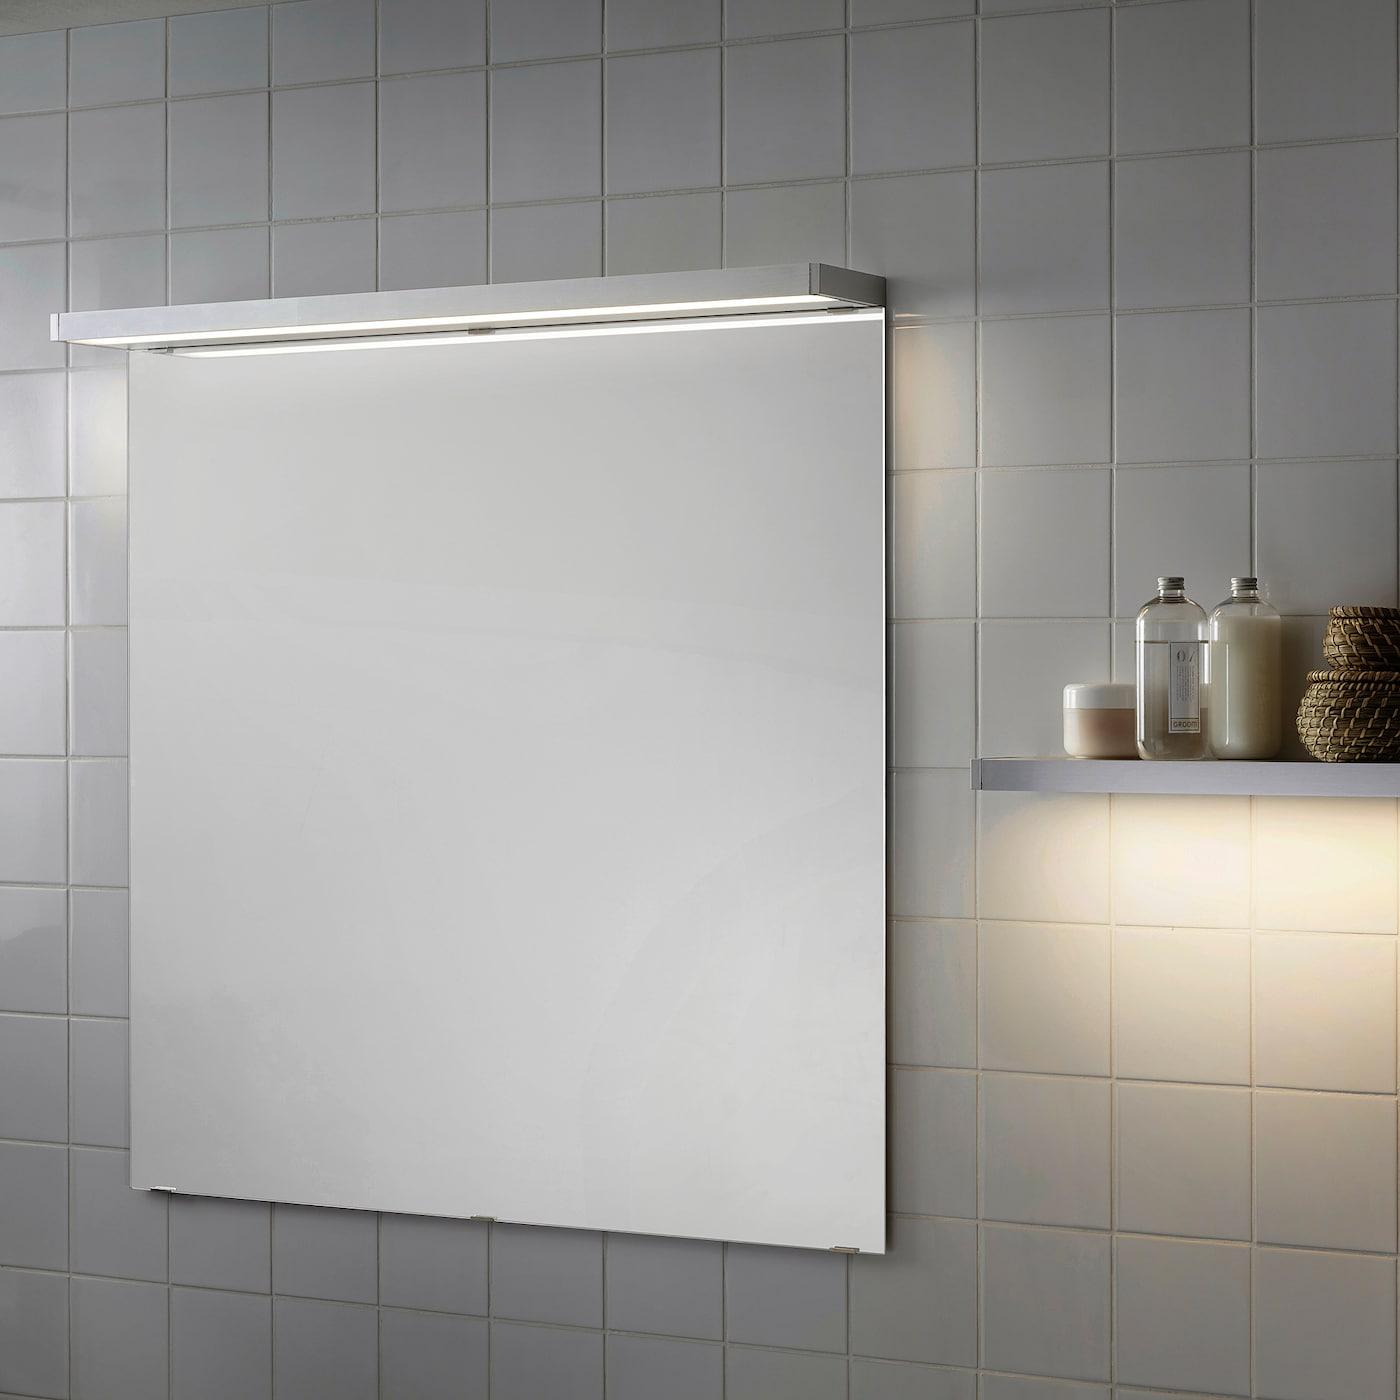 Ikea Leuchten Bad